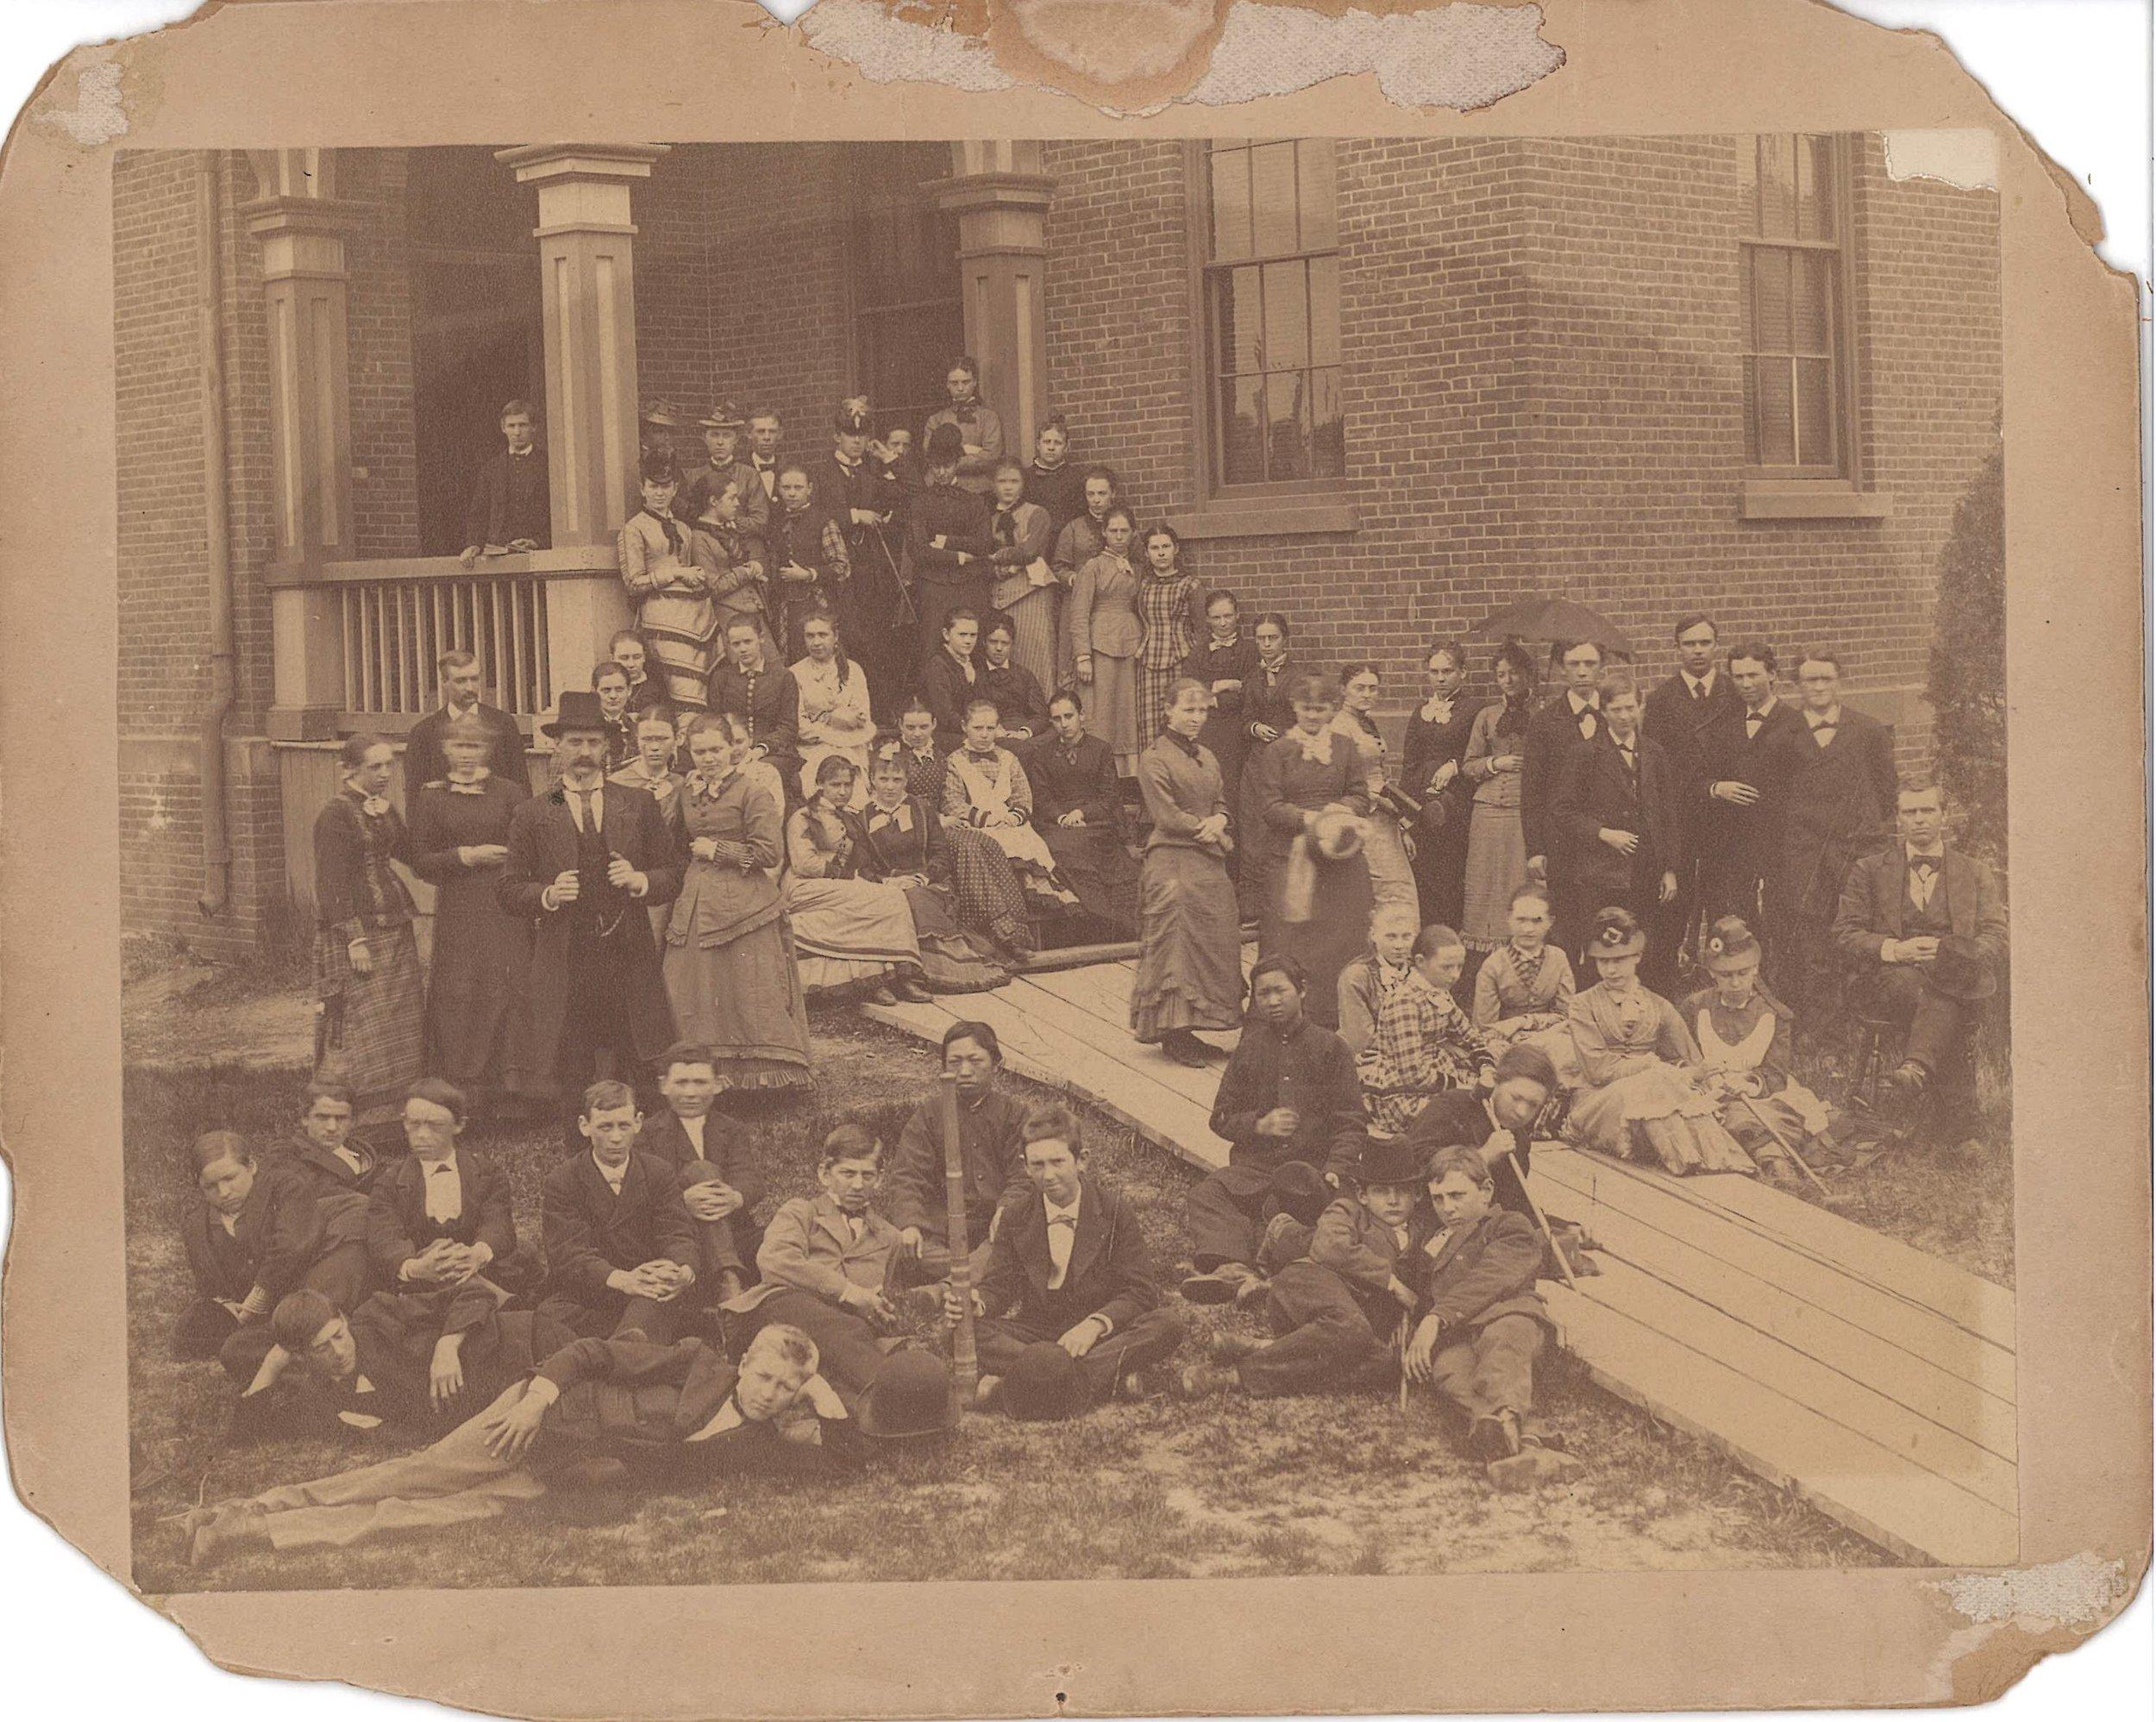 Sik at the Holyoke Public High School ca. 1878. Image courtesy the Holyoke History Room of the Holyoke Public Library, Holyoke, Massachusetts.